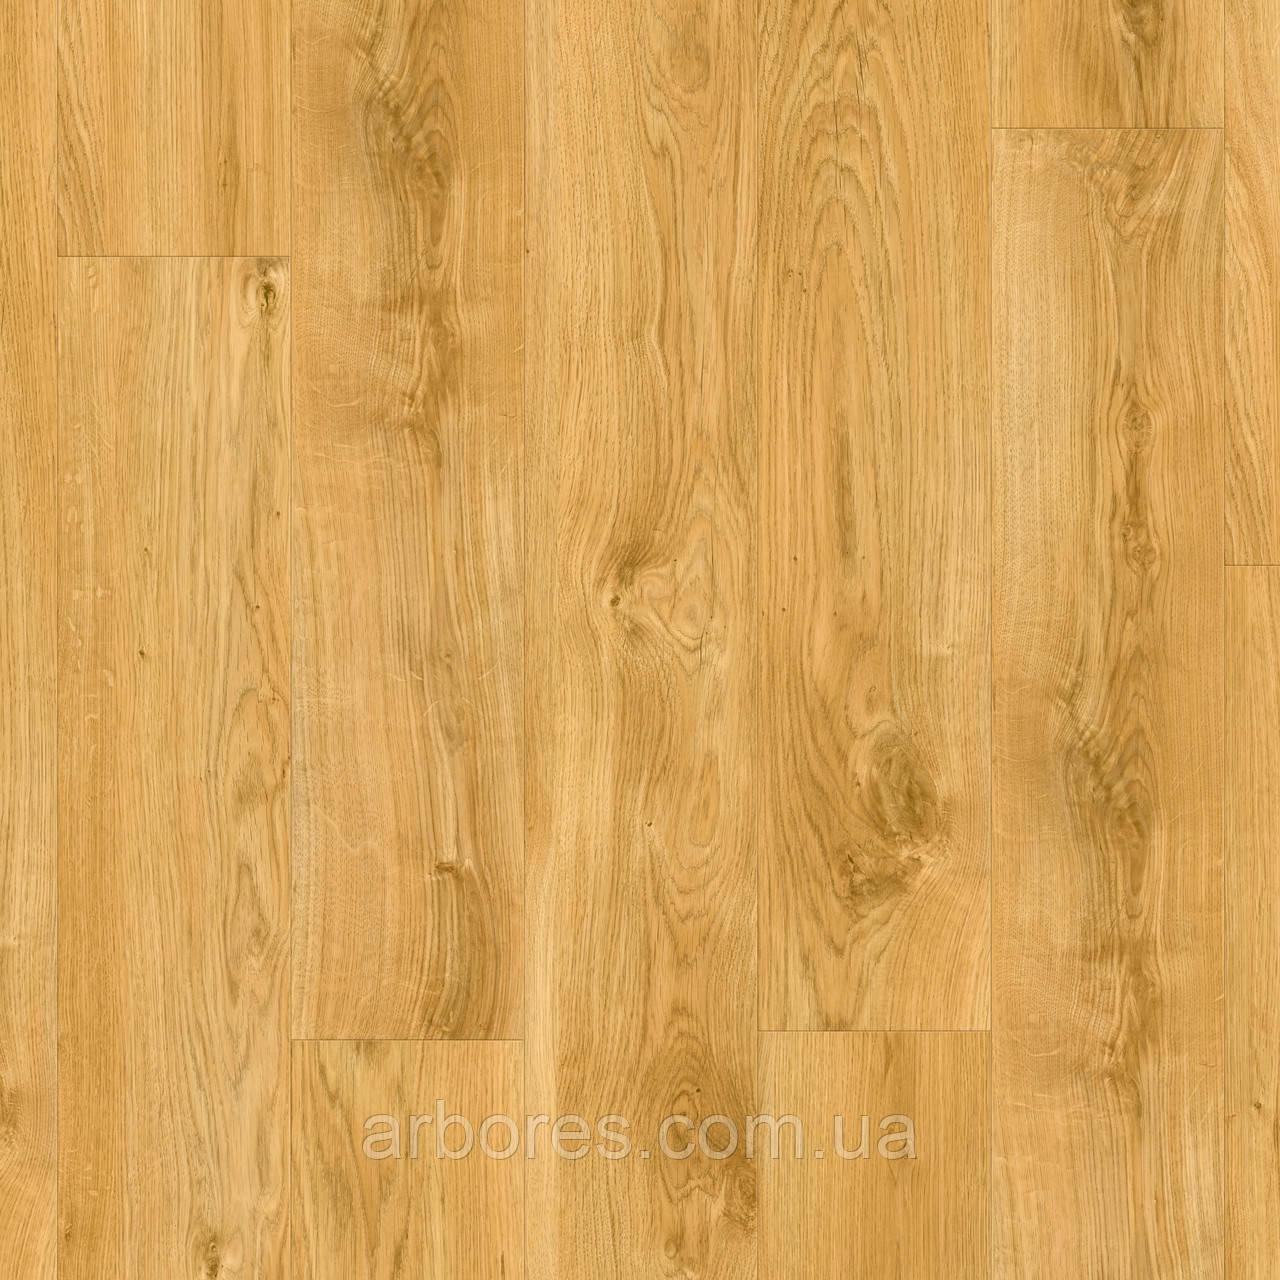 Виниловая плитка Quick-Step Livyn Balance Click BACL40023 Дуб классический натуральный